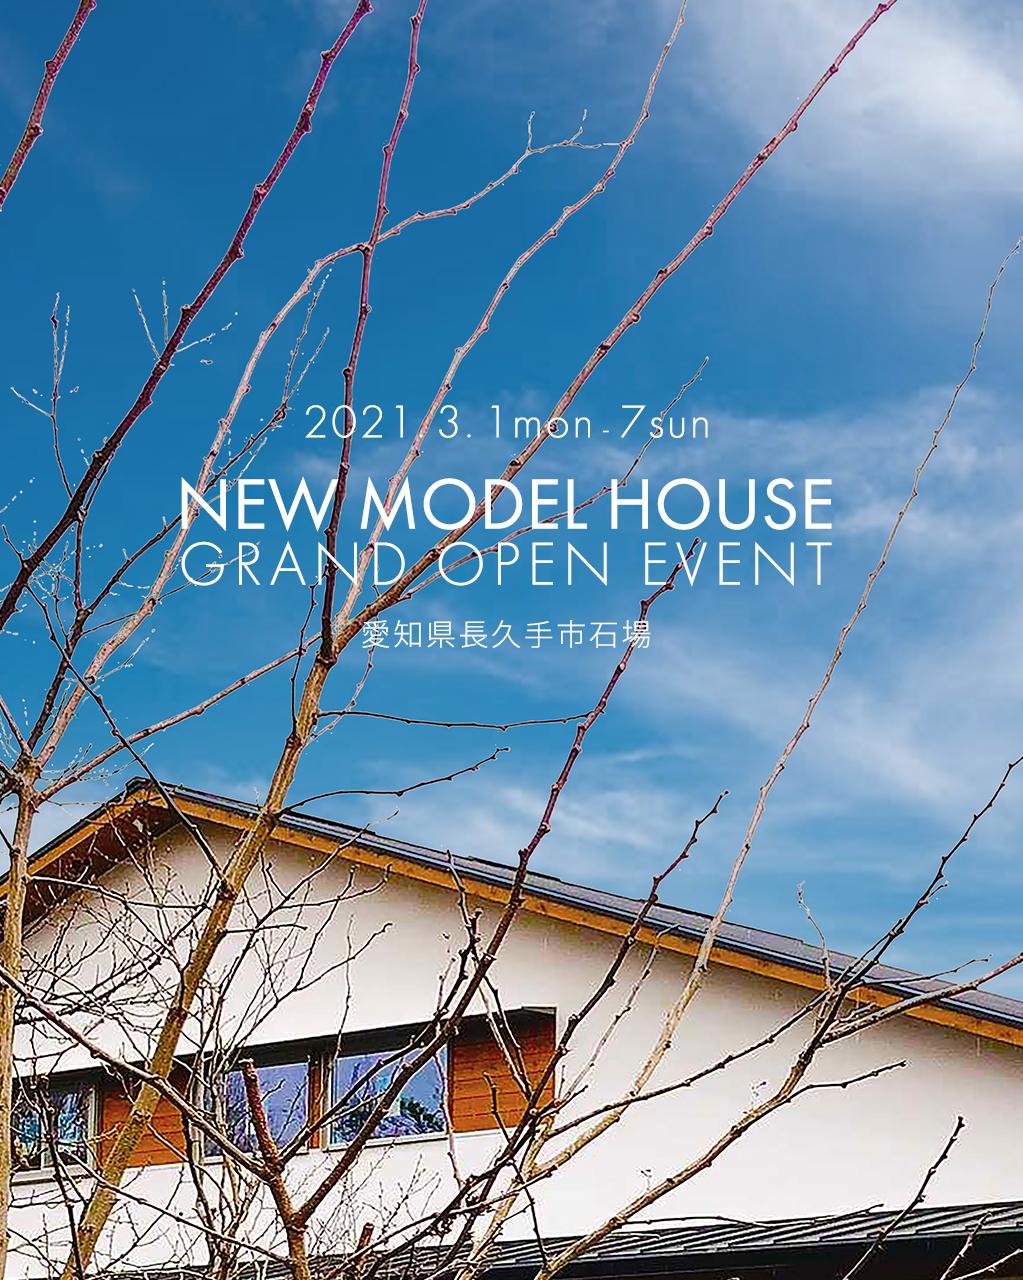 【モデルハウス名古屋】GRAND OPEN EVENT(愛知県長久手市石場)(SP)